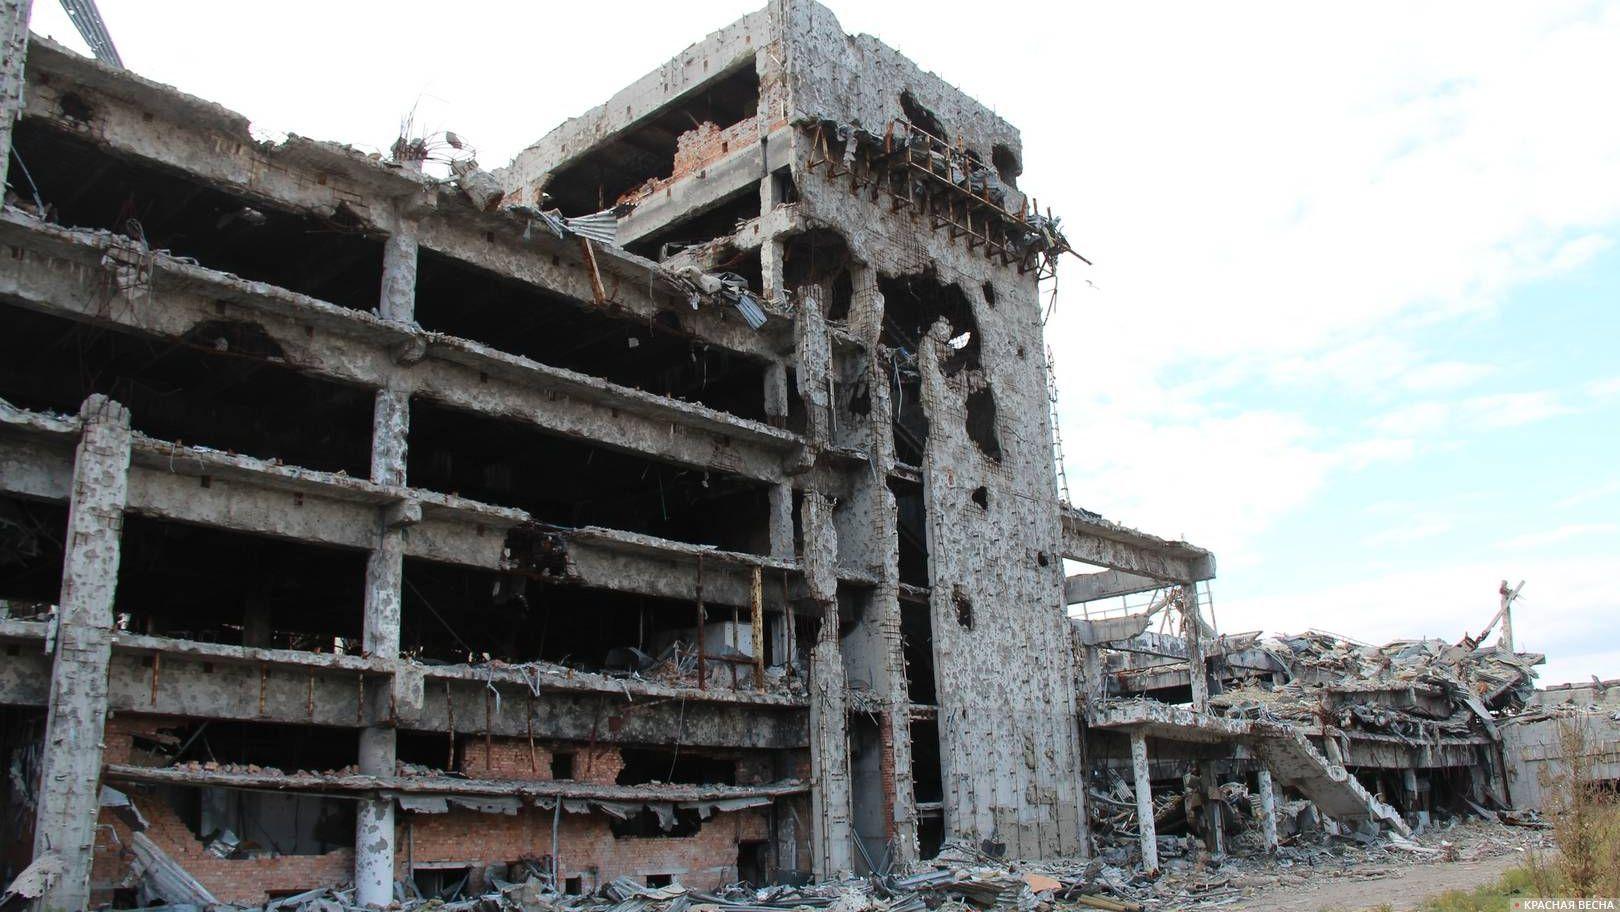 Разрушенный новый терминал Донецкого аэропорта. Донецк. ДНР. 15.09.2016.